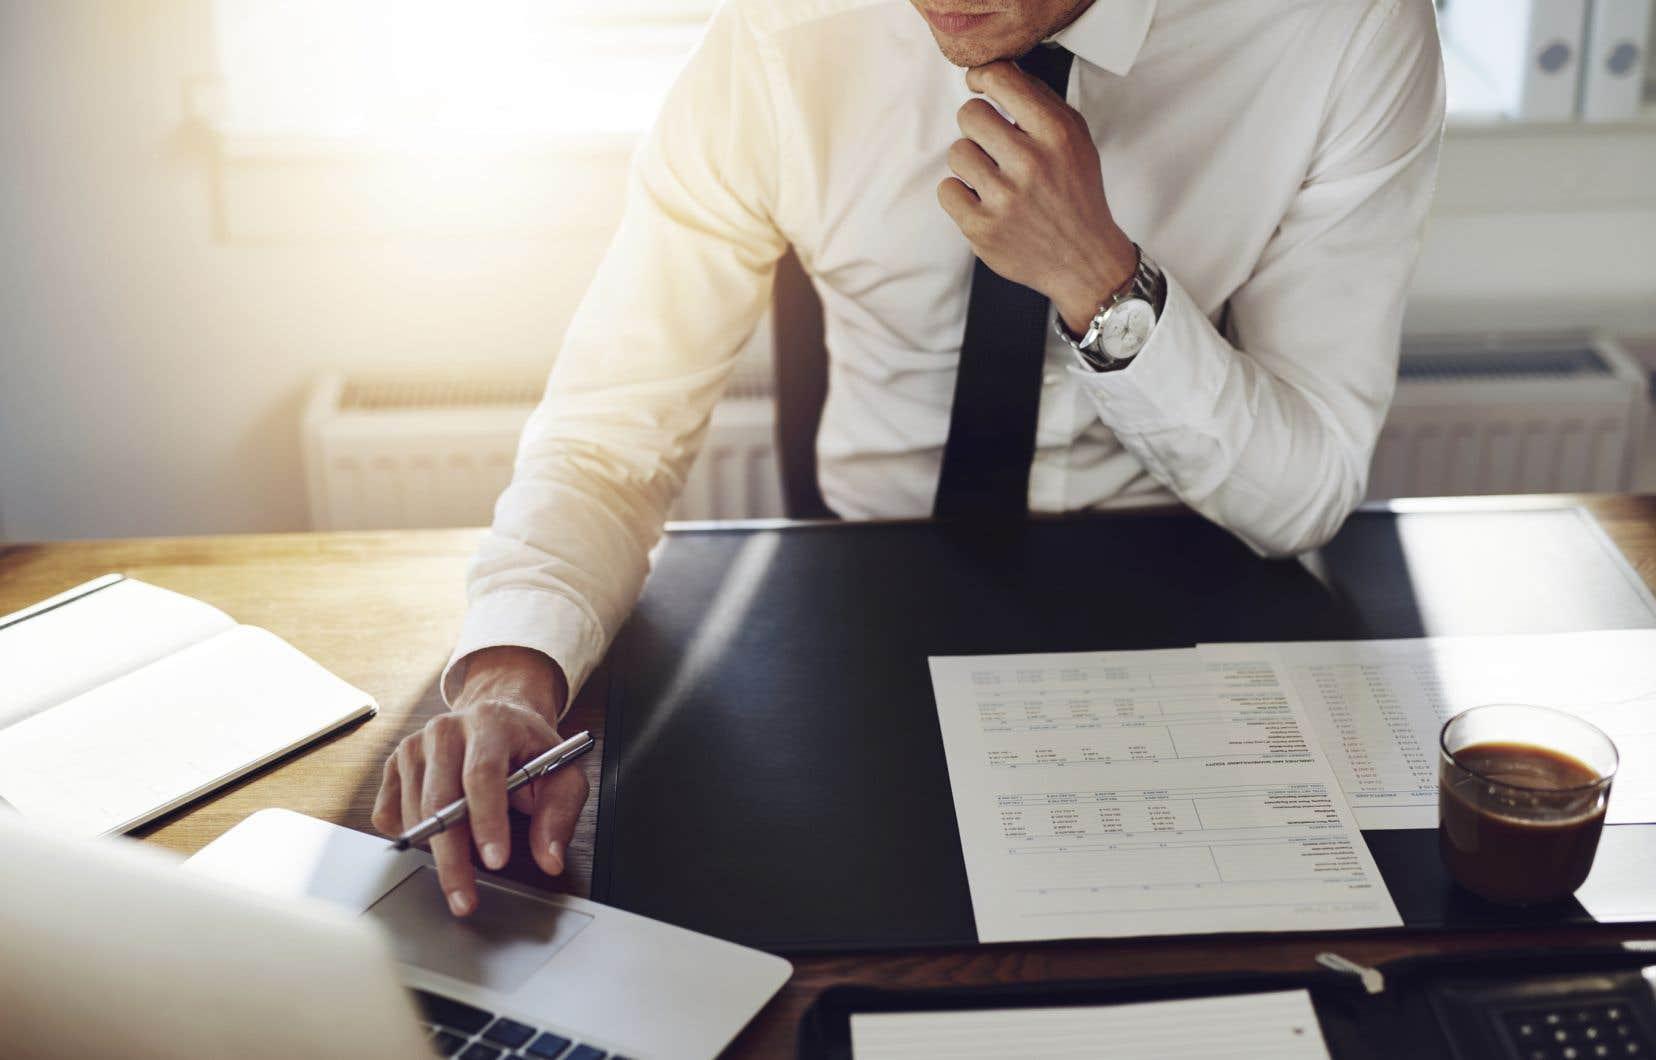 Entre autres problèmes, Option consommateurs déplore la diminution des obligations des représentants, qui devaient proposer au consommateur le produit d'assurance qui lui convenait le mieux.